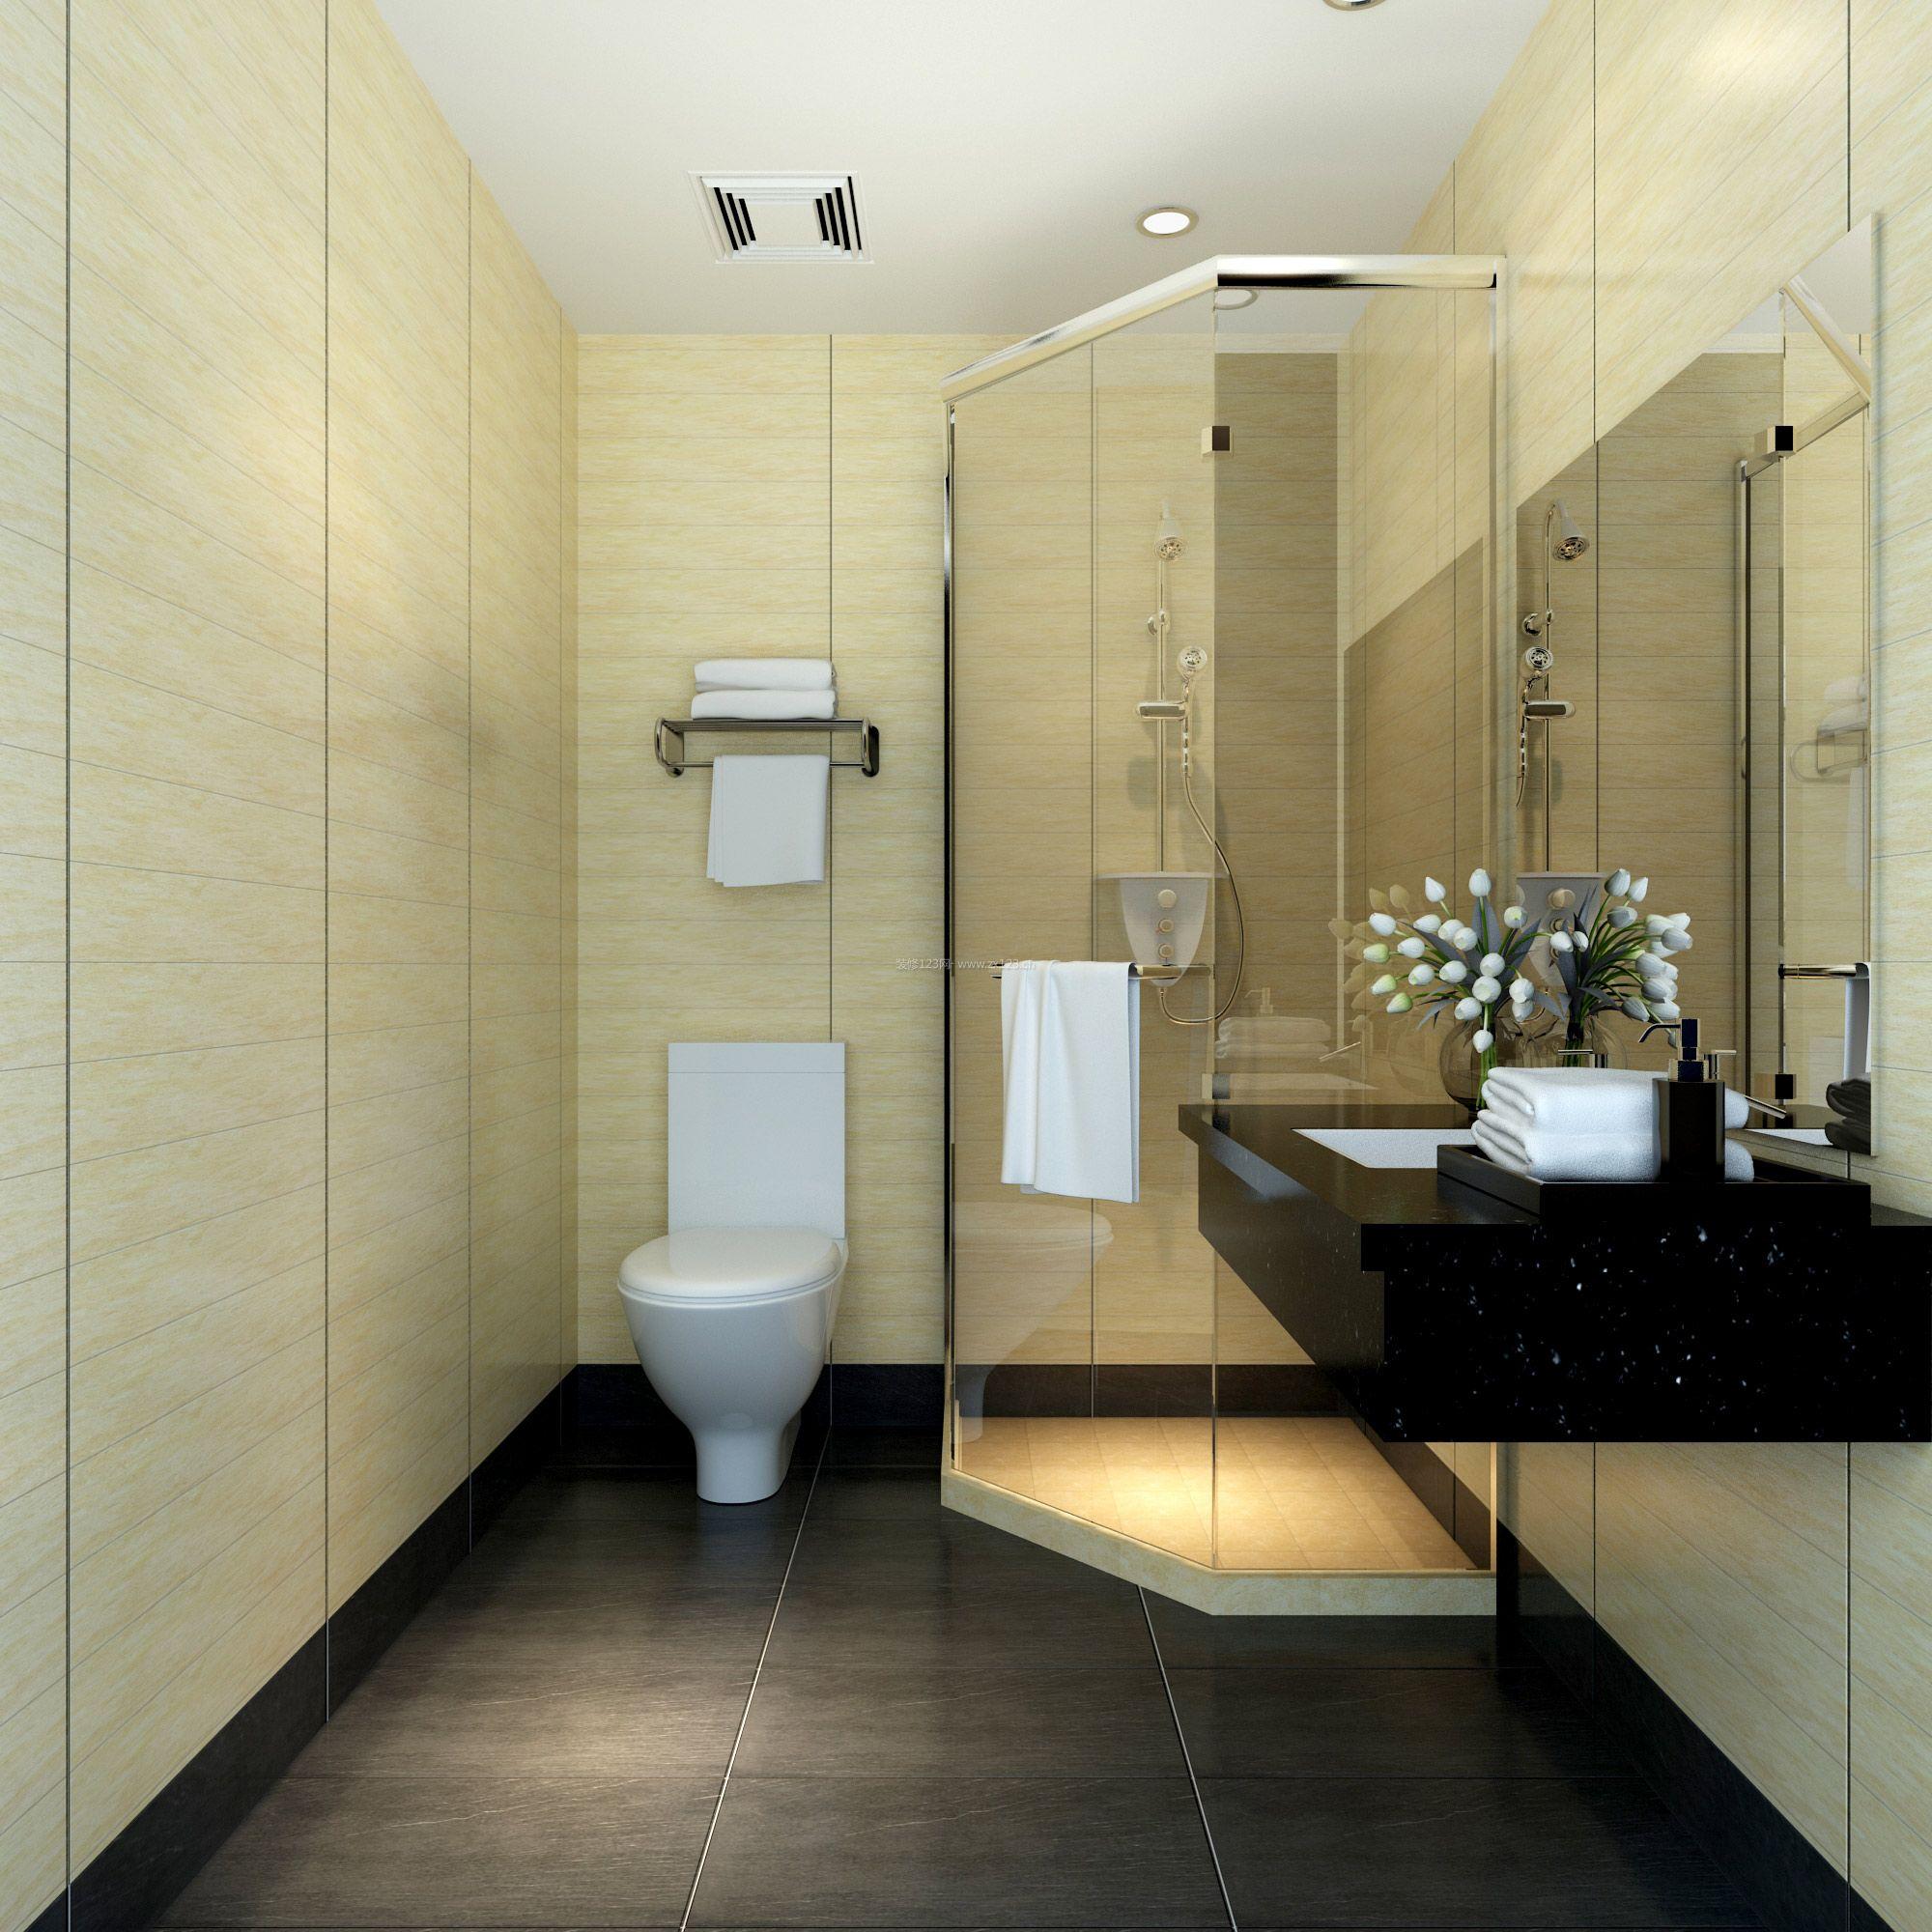 最新宾馆标间卫生间装修效果图